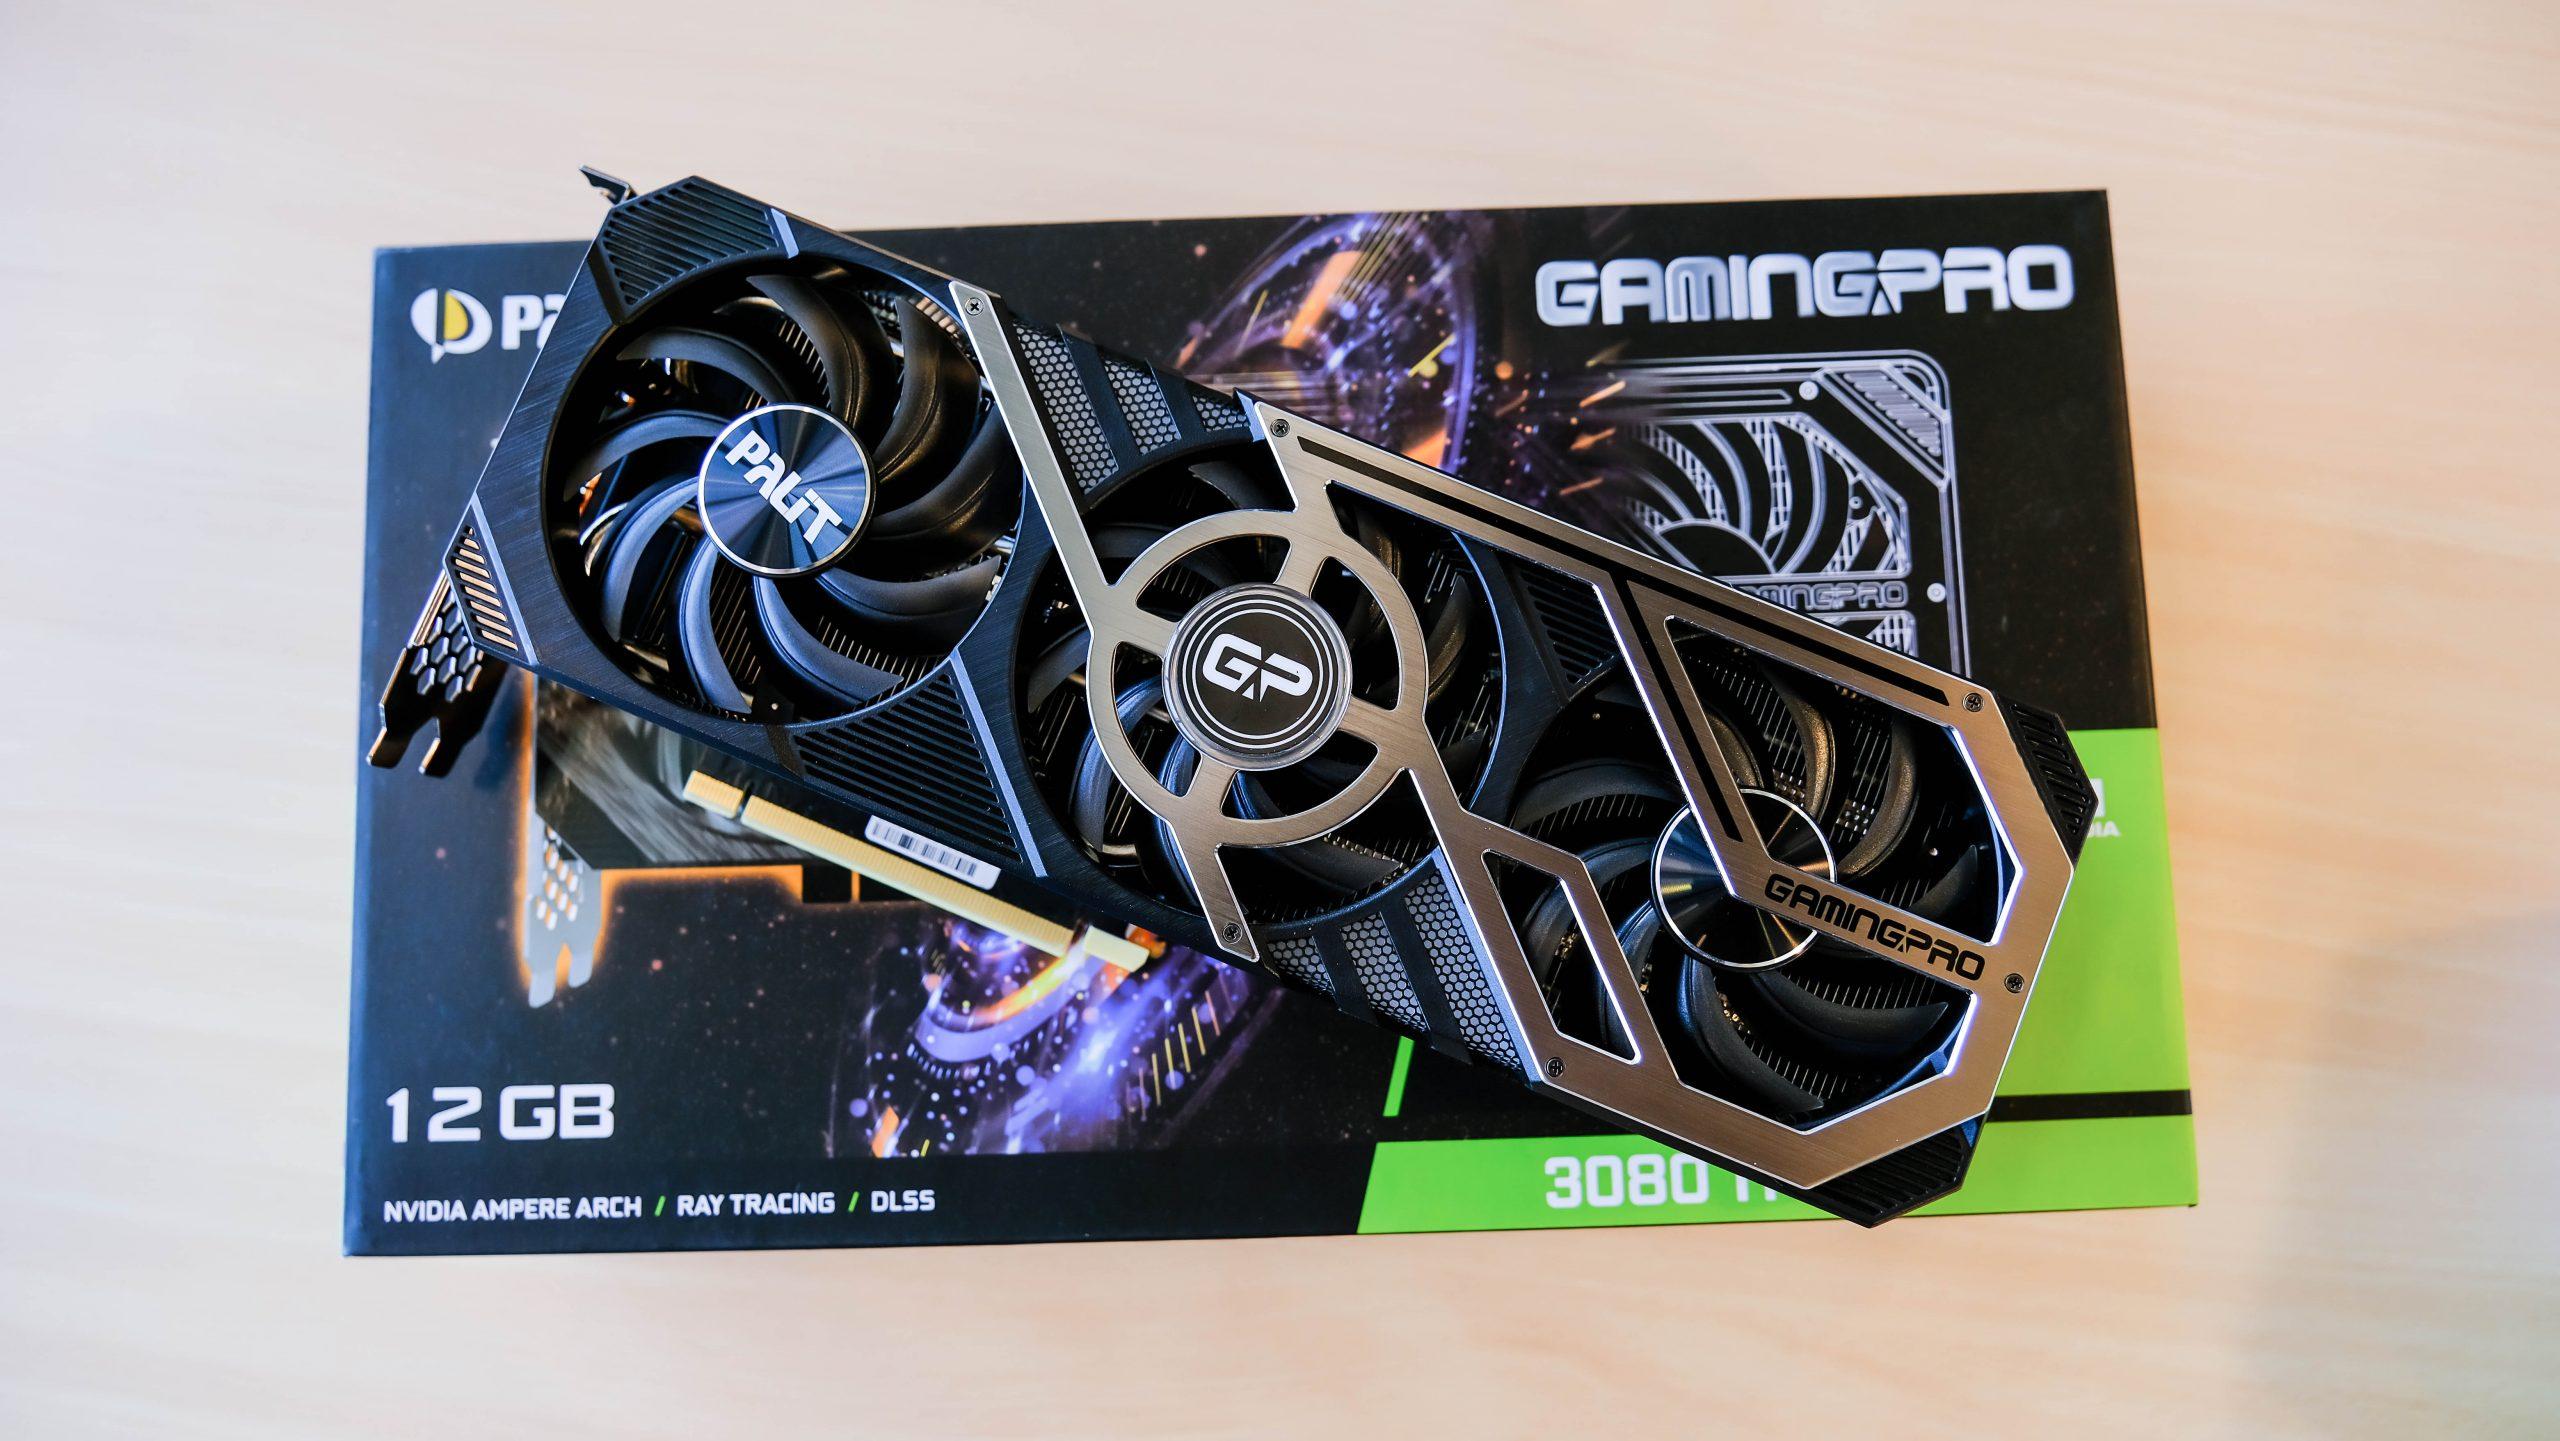 Palit GeForce RTX™ 3080 Ti Gaming Pro